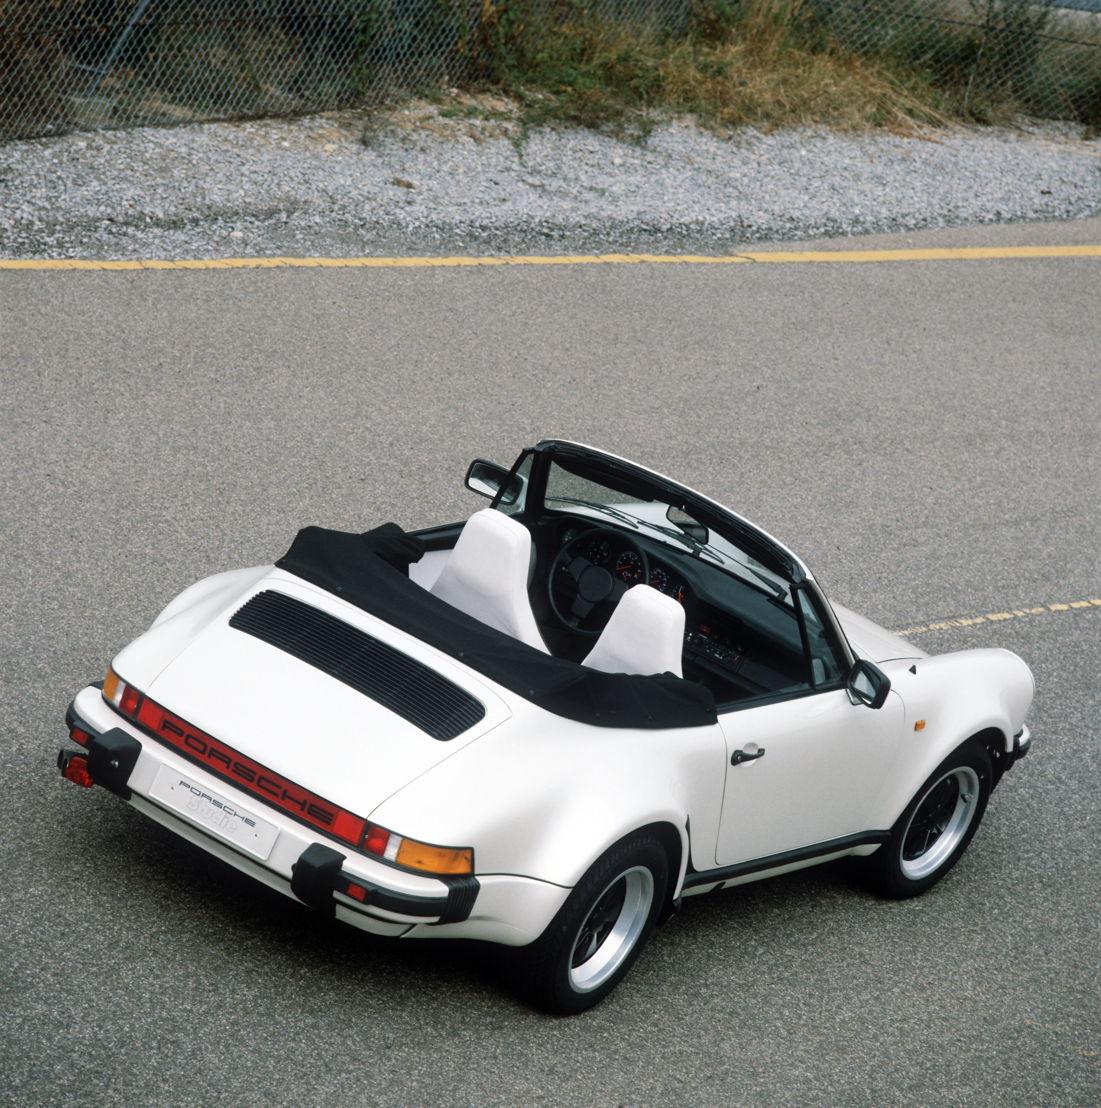 1981: presentación del estudio del 911 Turbo Cabriolet con tracción total.